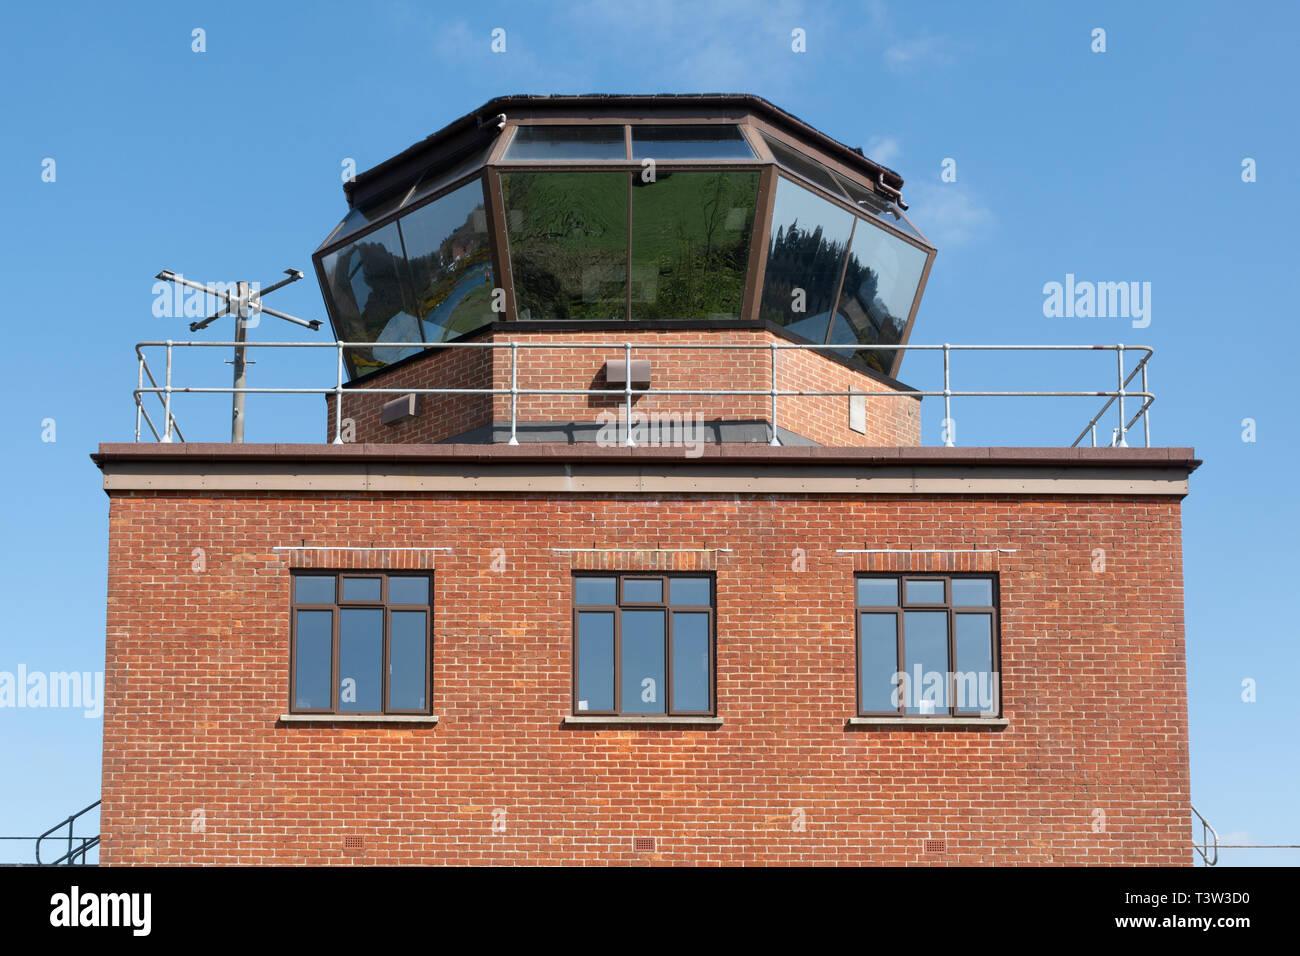 La Torre de Control y la plataforma de observación en Greenham Common cerca de Newbury, Berkshire, Reino Unido, recientemente abierto al público. Imagen De Stock